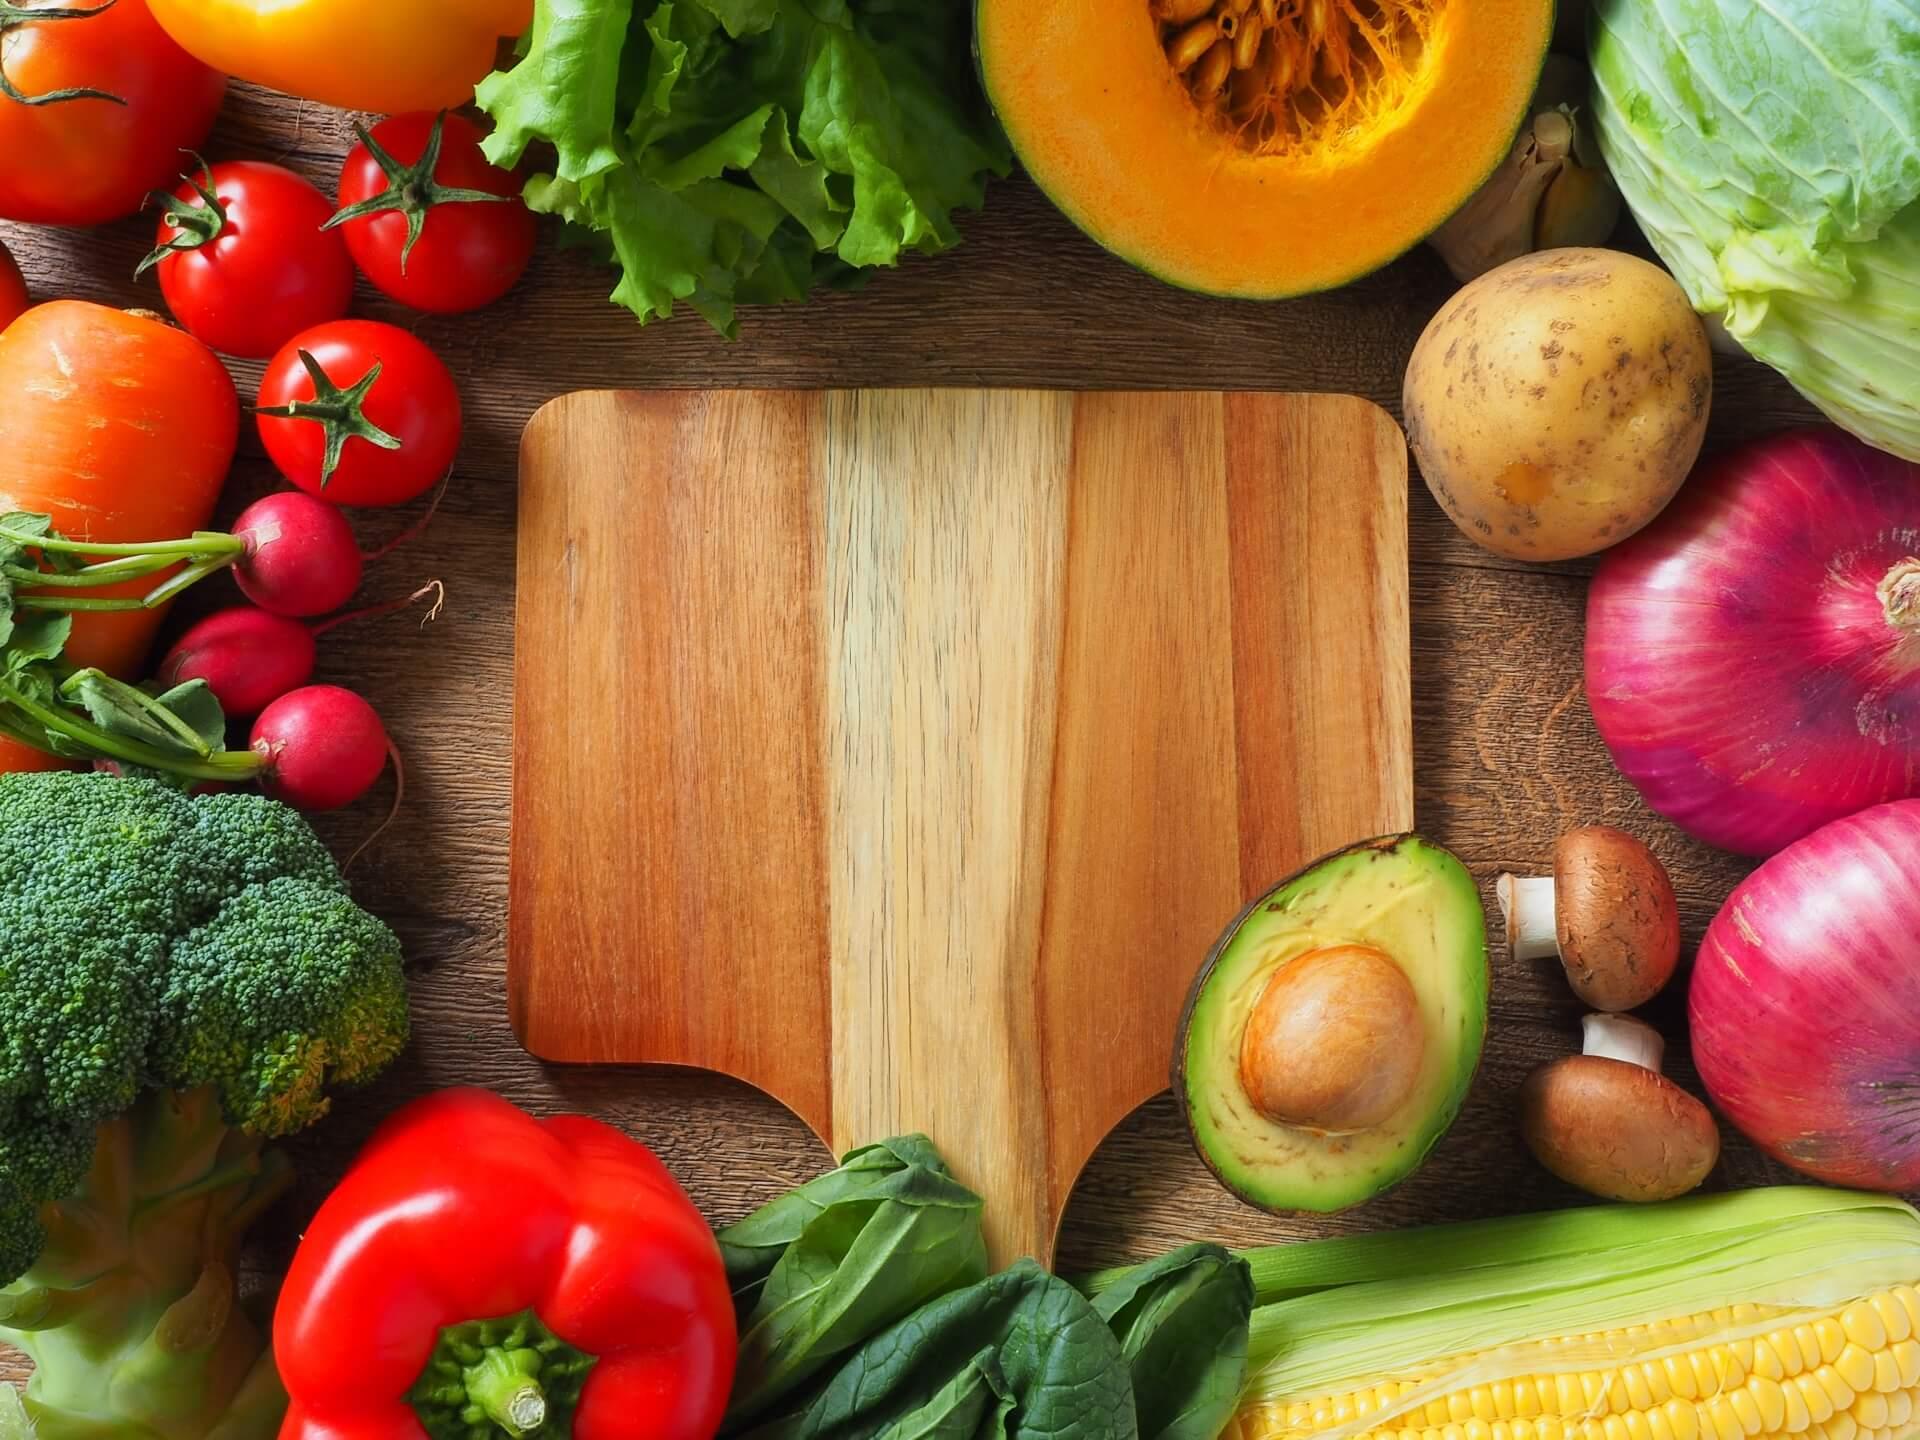 天候不順の影響により今年も野菜が高騰〜今後の保育園等での給食材料費対策〜